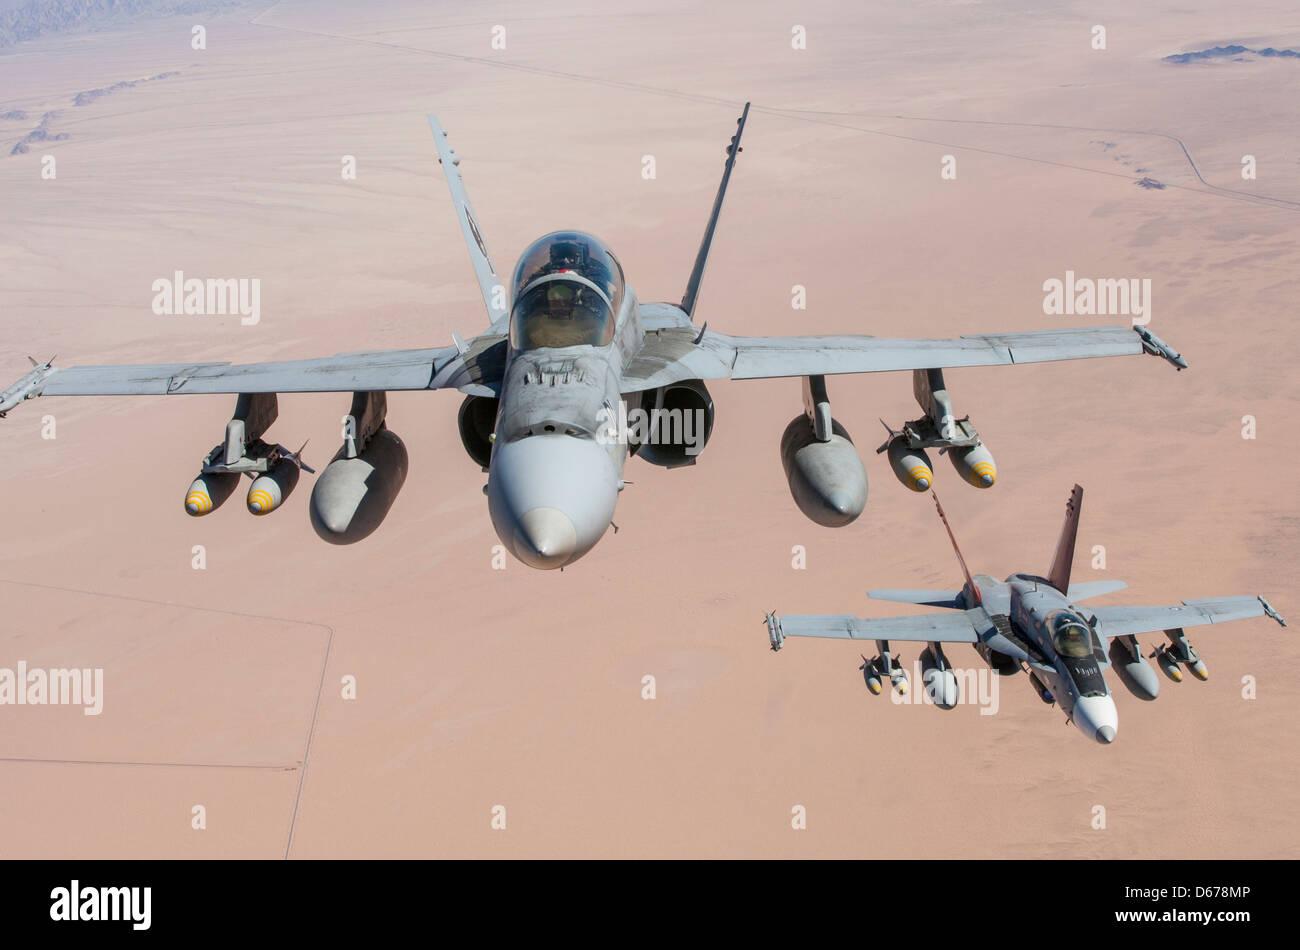 El mayor Eric Geyer, un instructor de Hornet F-18 con el Escuadrón 1 de armas de Aviación Marina y tácticas, y el Capitán Kyle Haire, también un instructor de Hornet F-18 con MAWTS-1, arriba a la izquierda, Y el mayor Clint Webber, el departamento de aviación táctica jefe de MAWTS-1, abajo a la derecha, entrena en sus aviones durante el curso de primavera de instructores de armas y tácticas organizado por MAWTS-1 en la Estación Aérea del cuerpo de Infantería de Marina Yuma, Arizona, marzo de 30. WTI se aloja dos veces al año, una vez en la primavera y otra en el otoño. Foto de stock